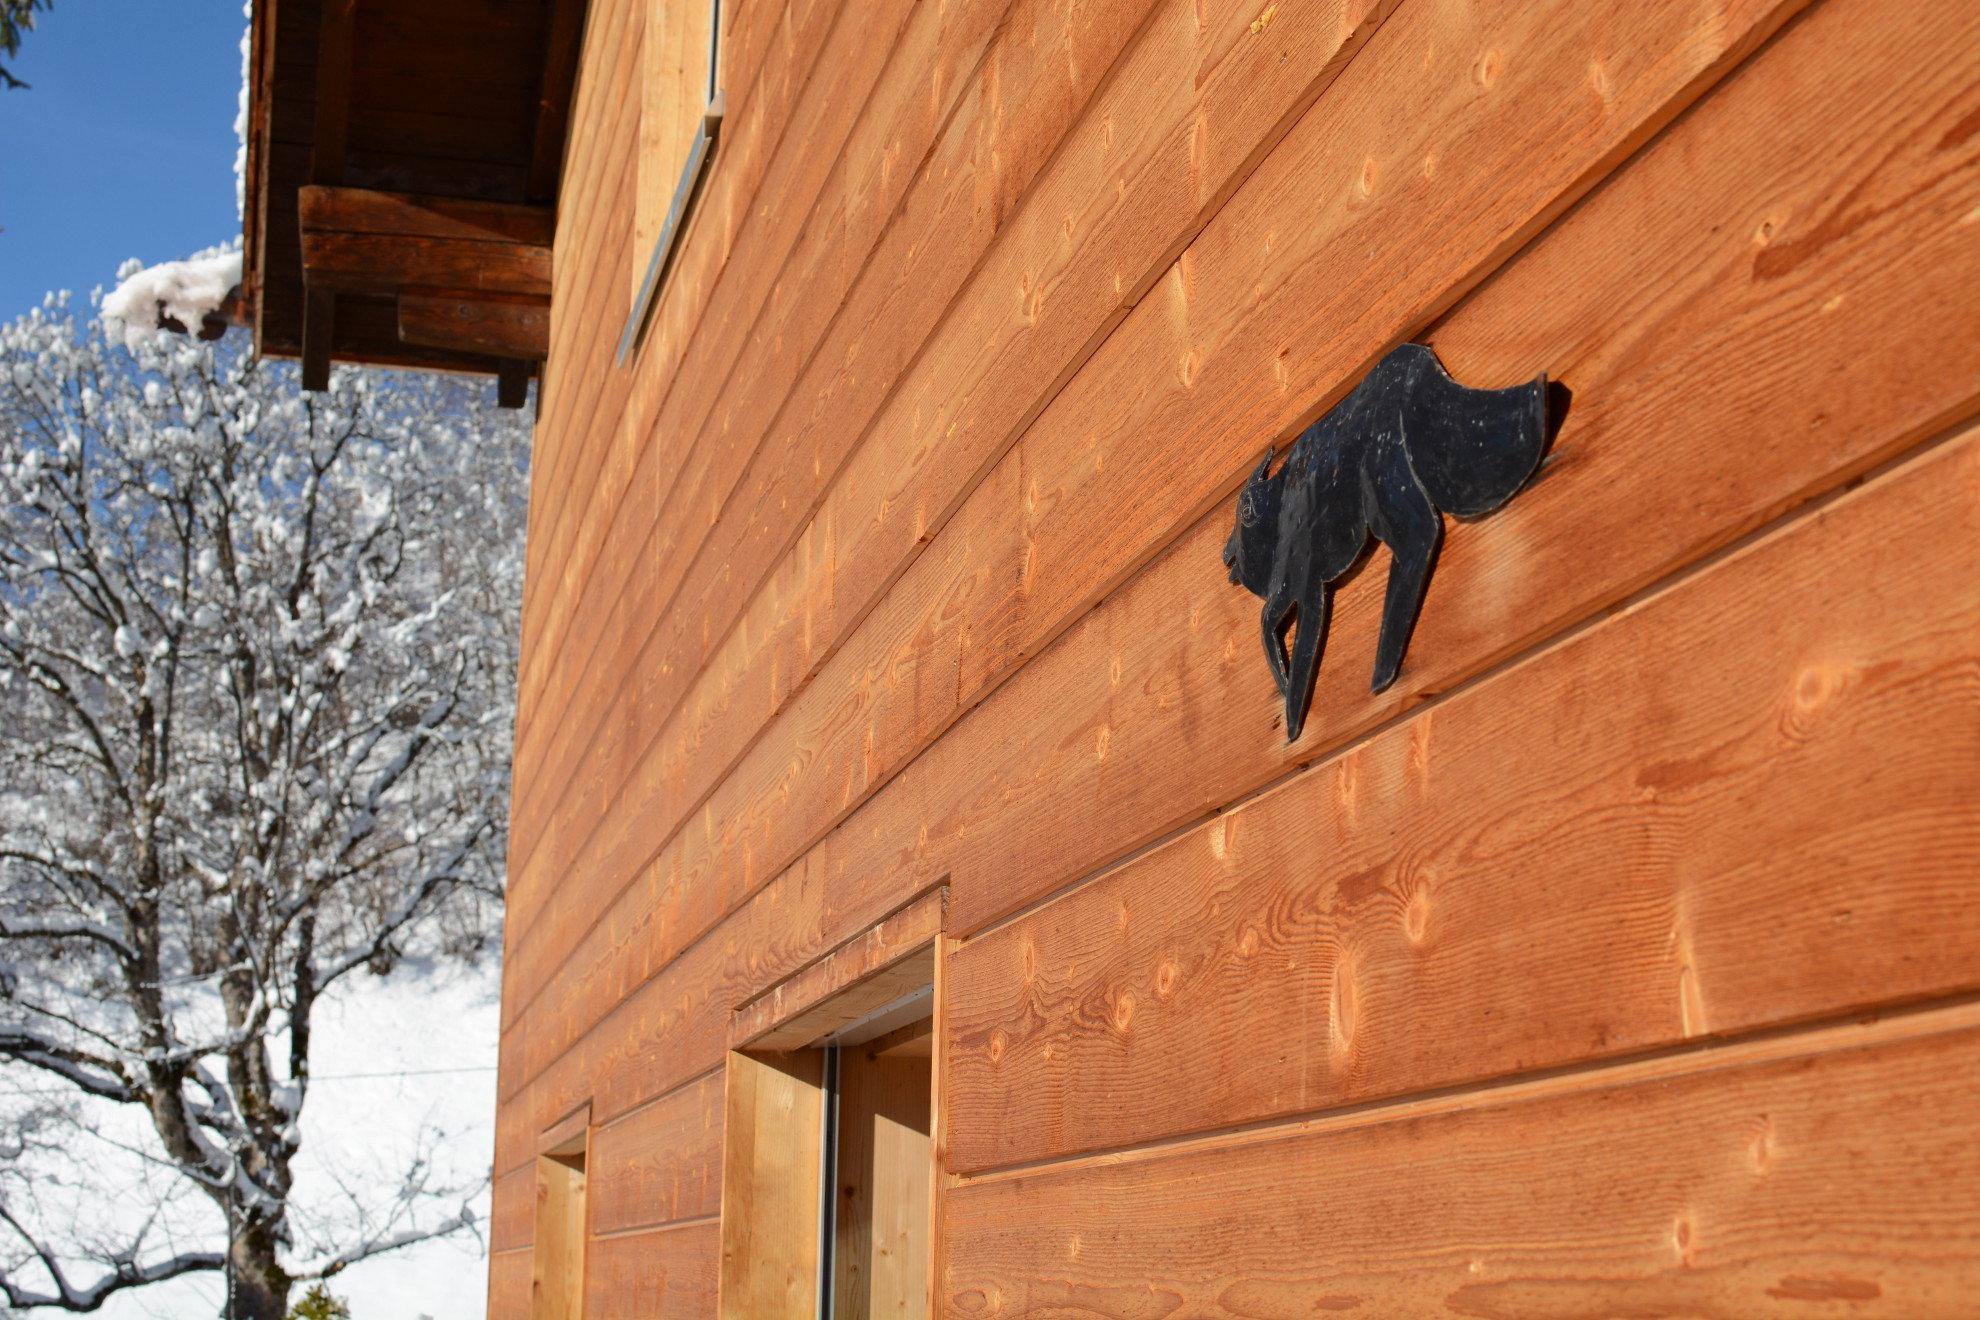 Chalet-Fuechsli-Klosters-Winter-7.JPG